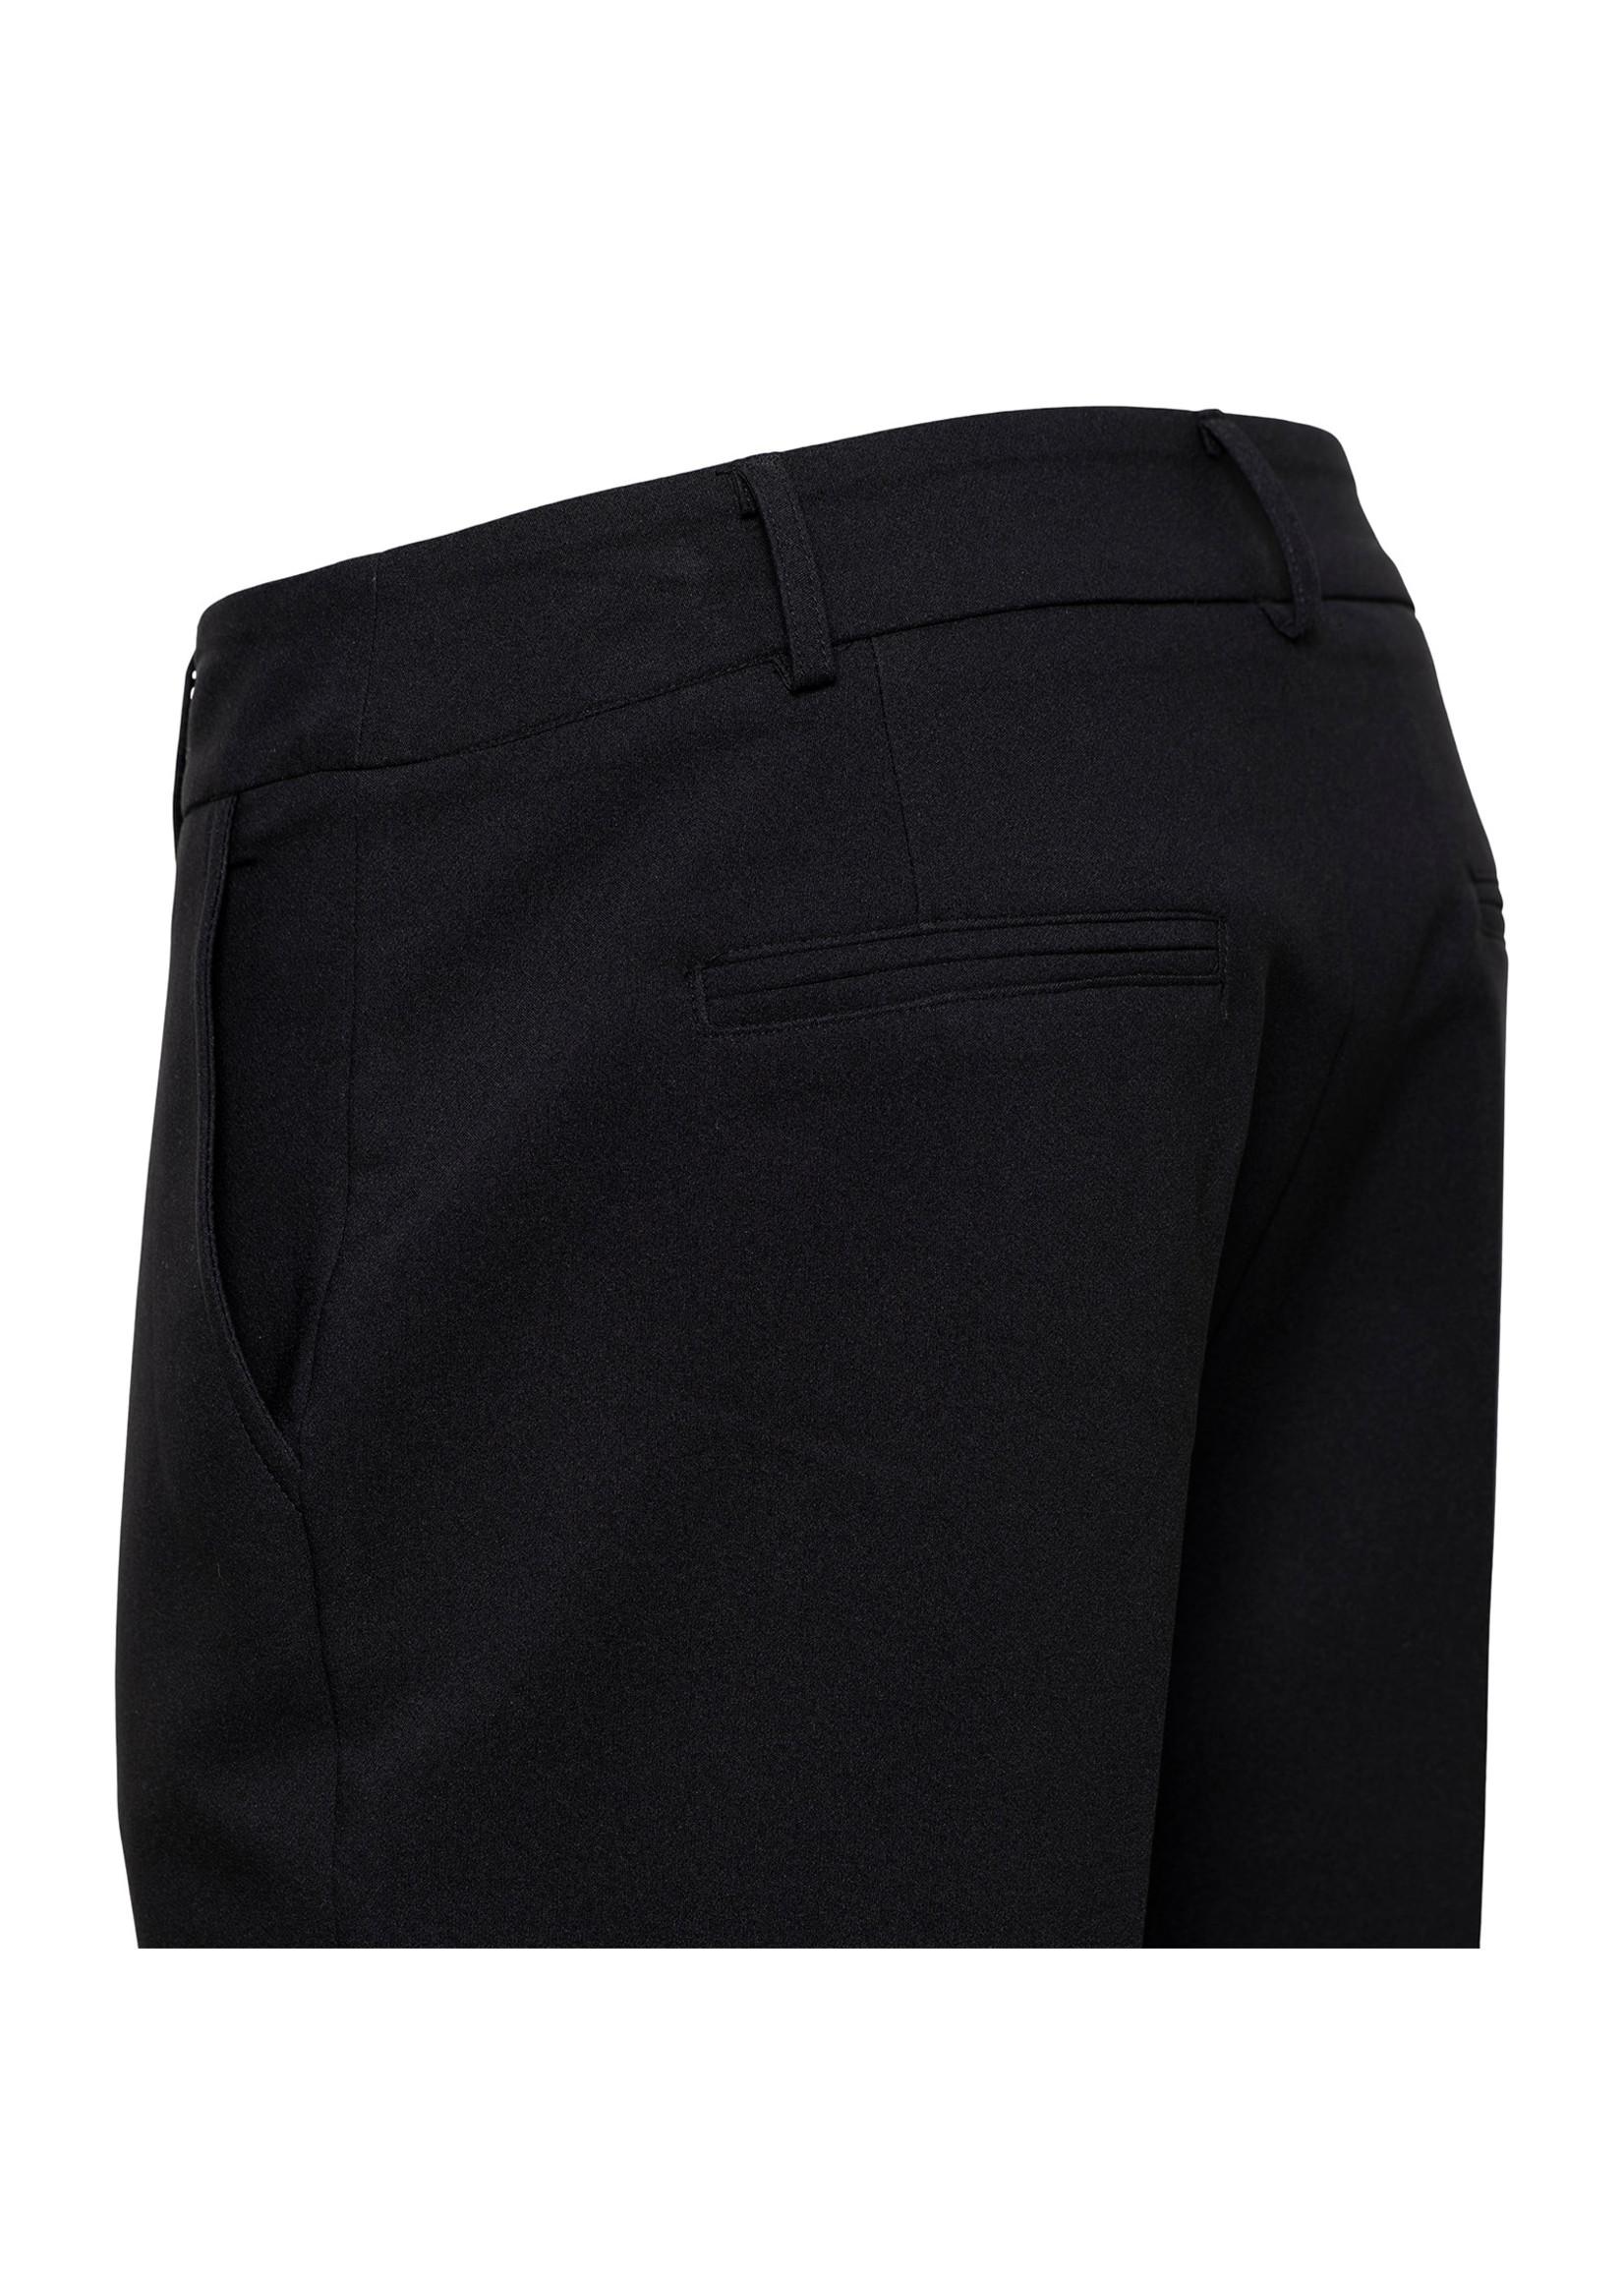 &Co Women kyra pants uni (black)